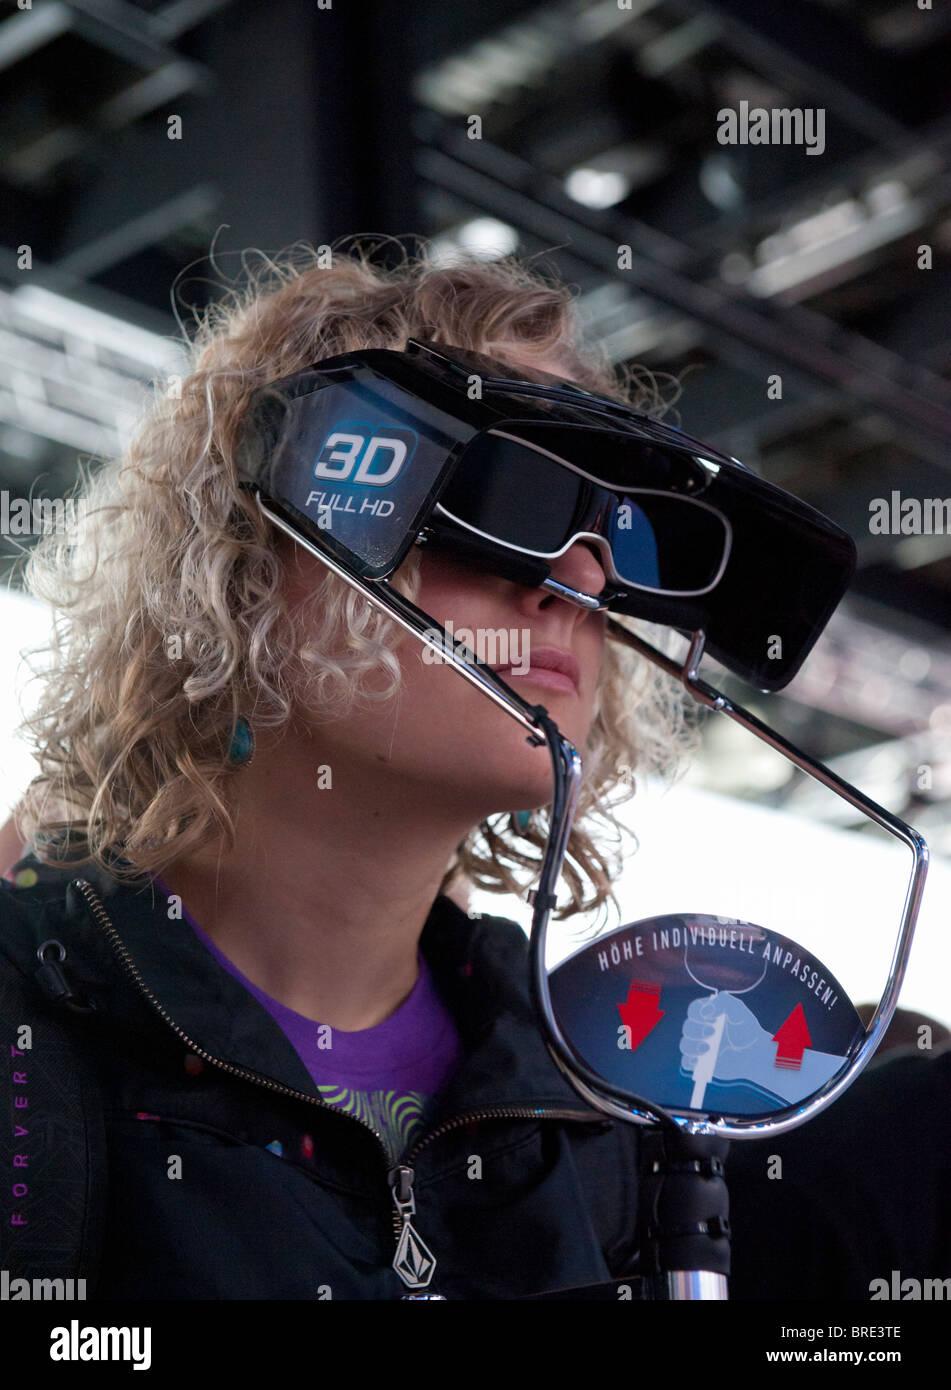 Femme regardant la télévision 3D à travers les lunettes 3D à l'imagerie numérique stand Panasonic Photokina trade show à Cologne Allemagne Banque D'Images